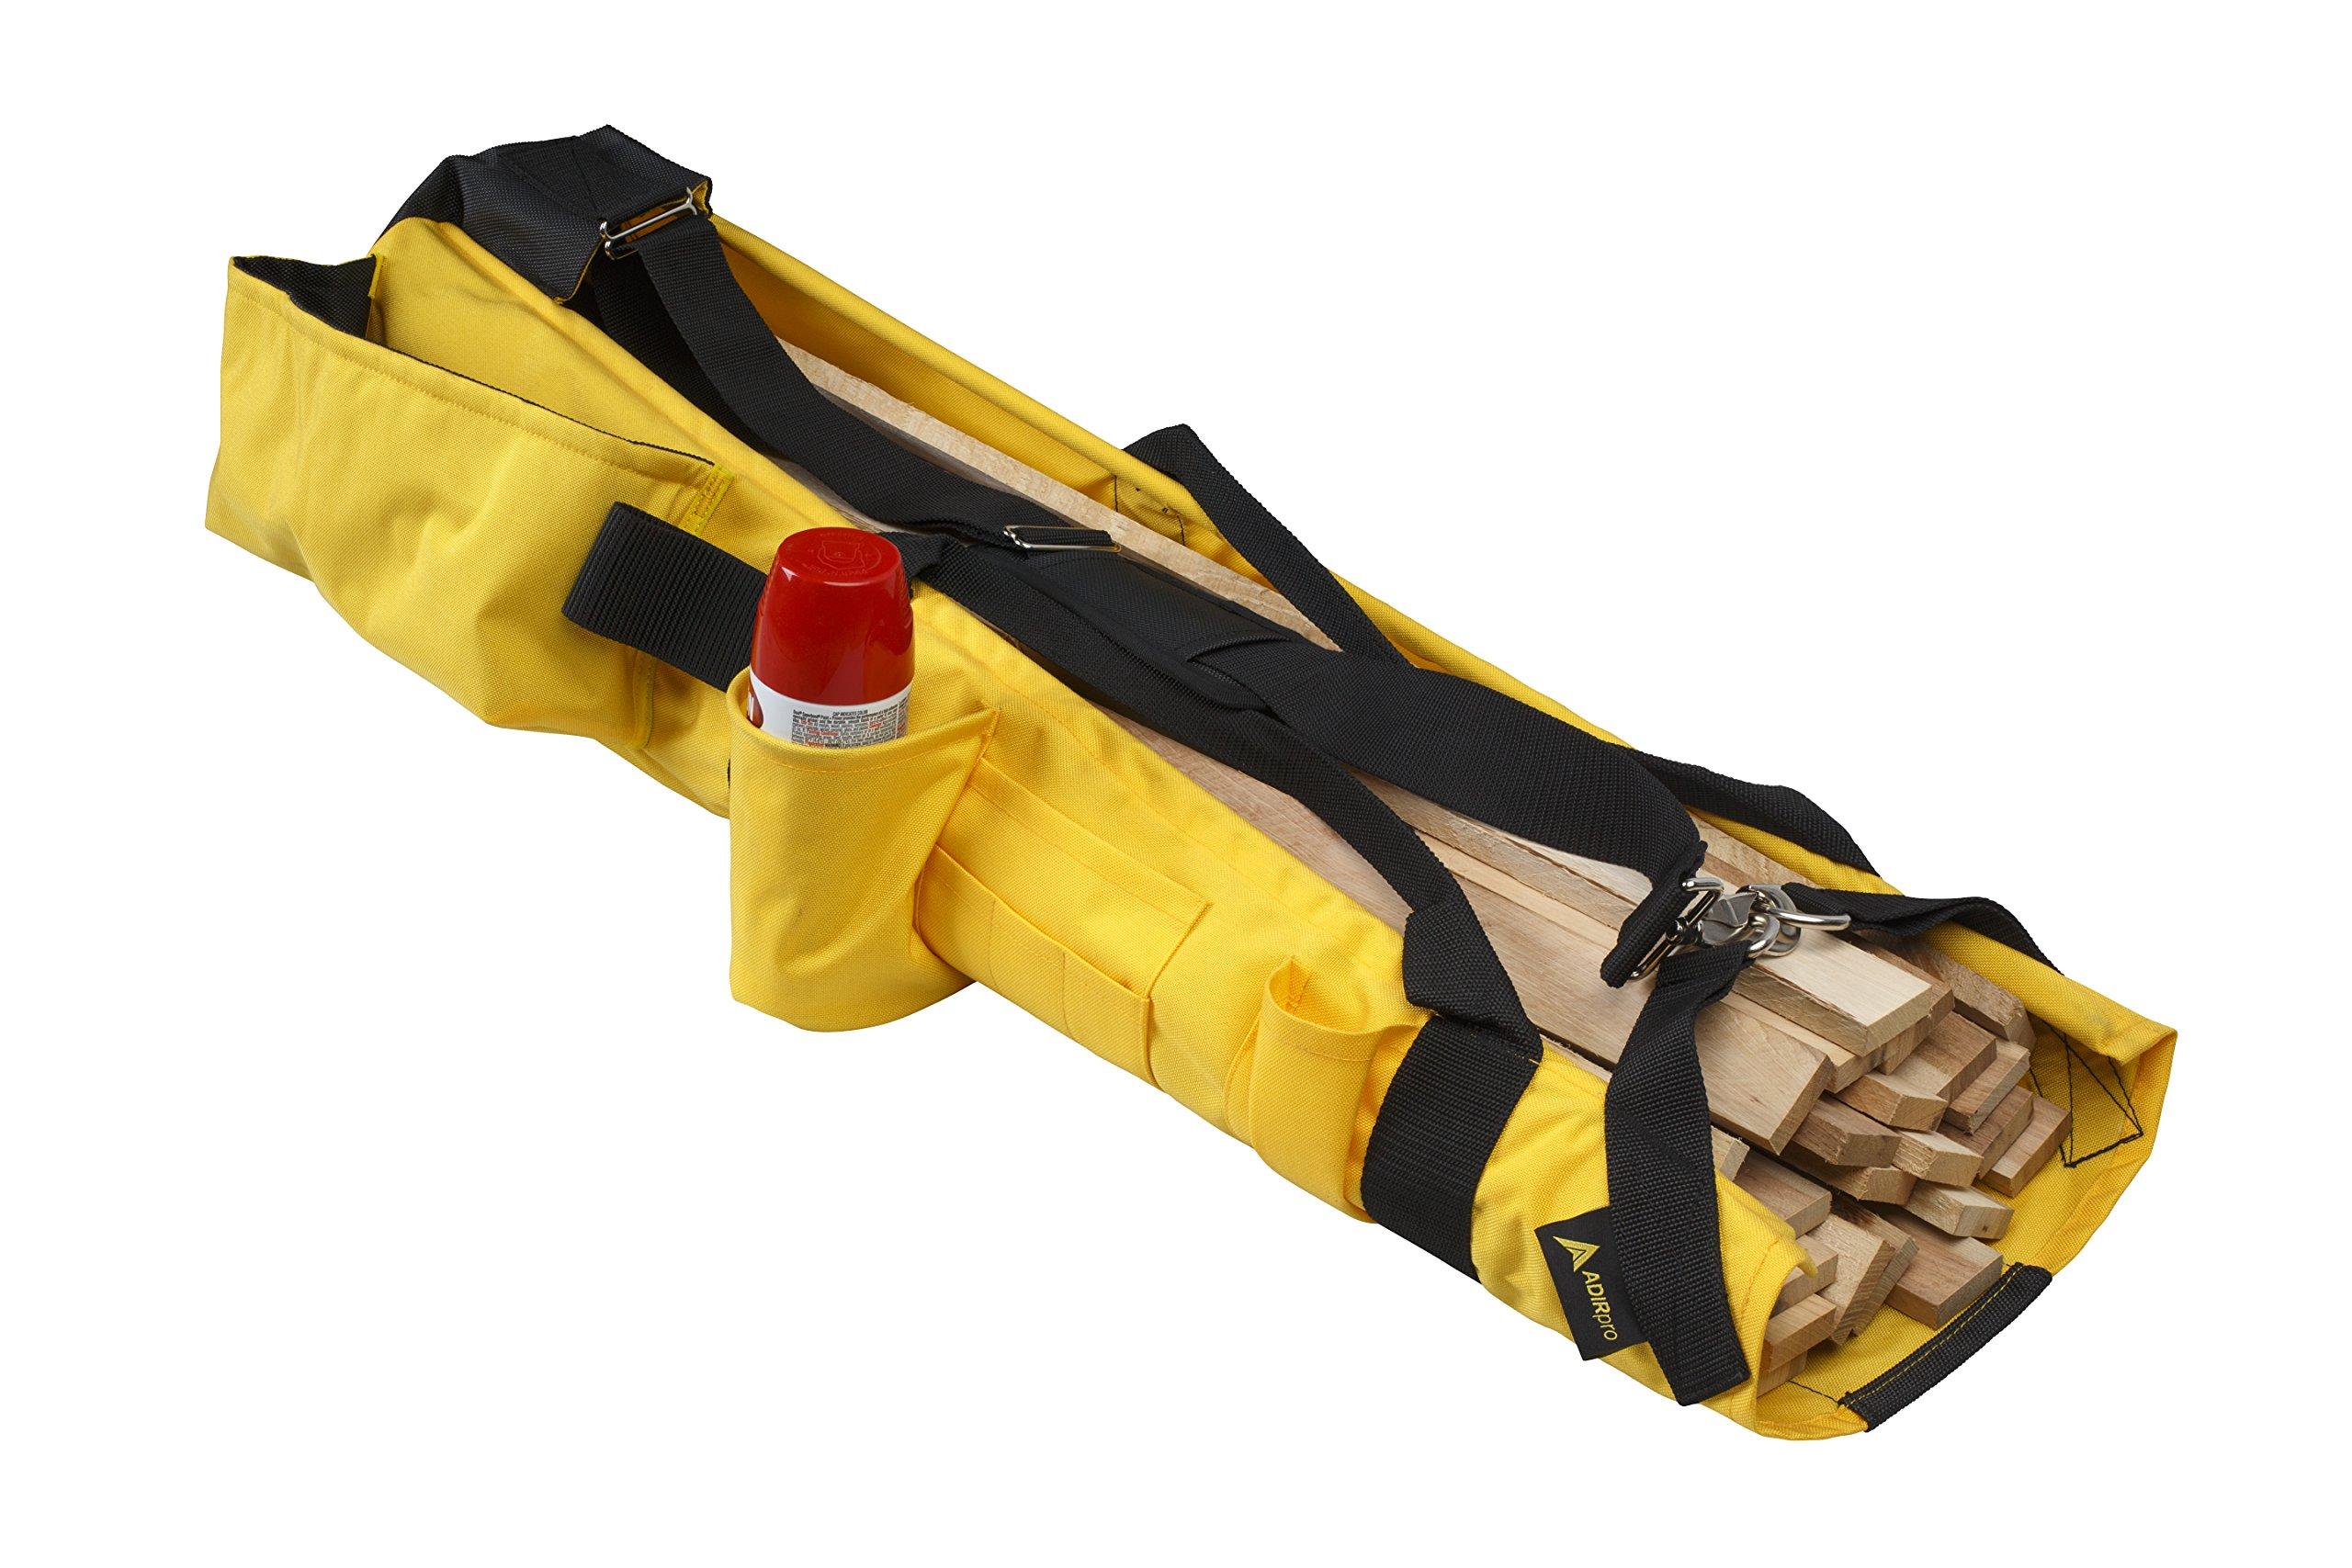 AdirPro Lath Shoulder Bag with Reinforced Base